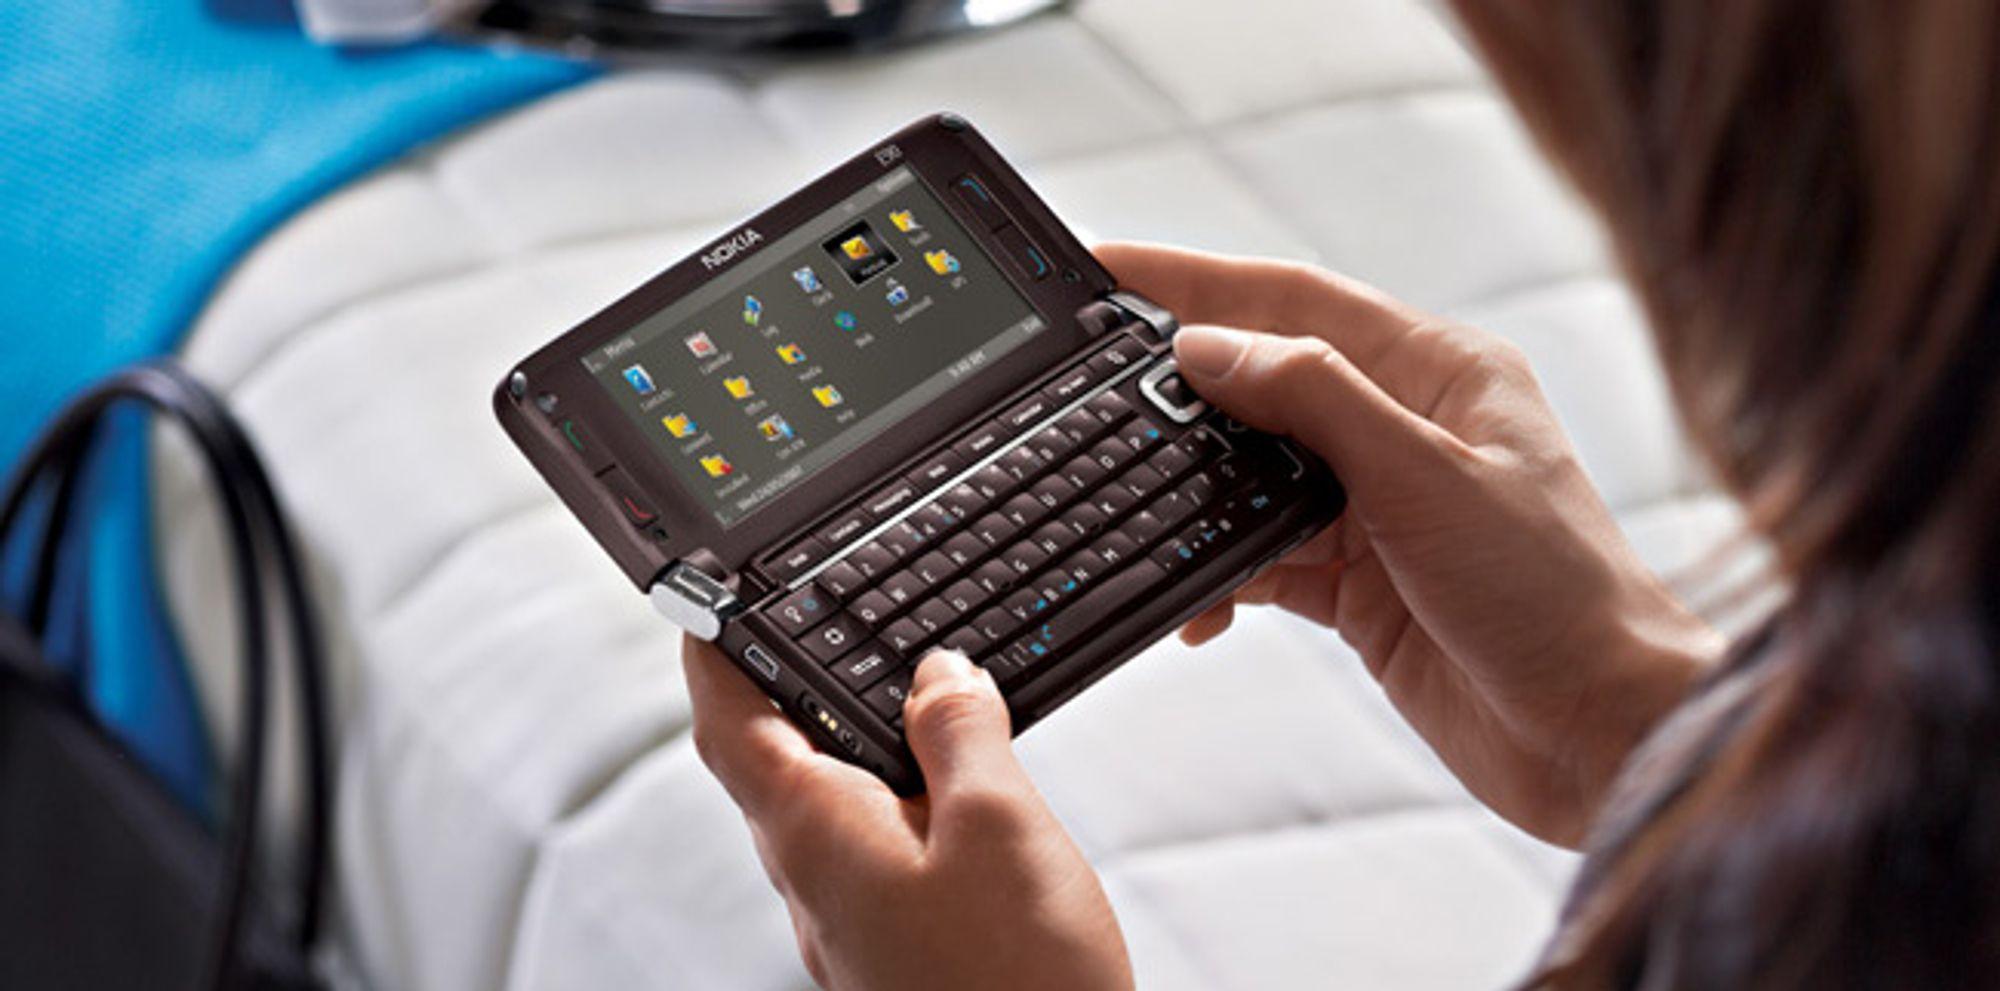 Nye Nokia E90 Communicator kjører Symbian og Series 60 (Foto: Nokia)